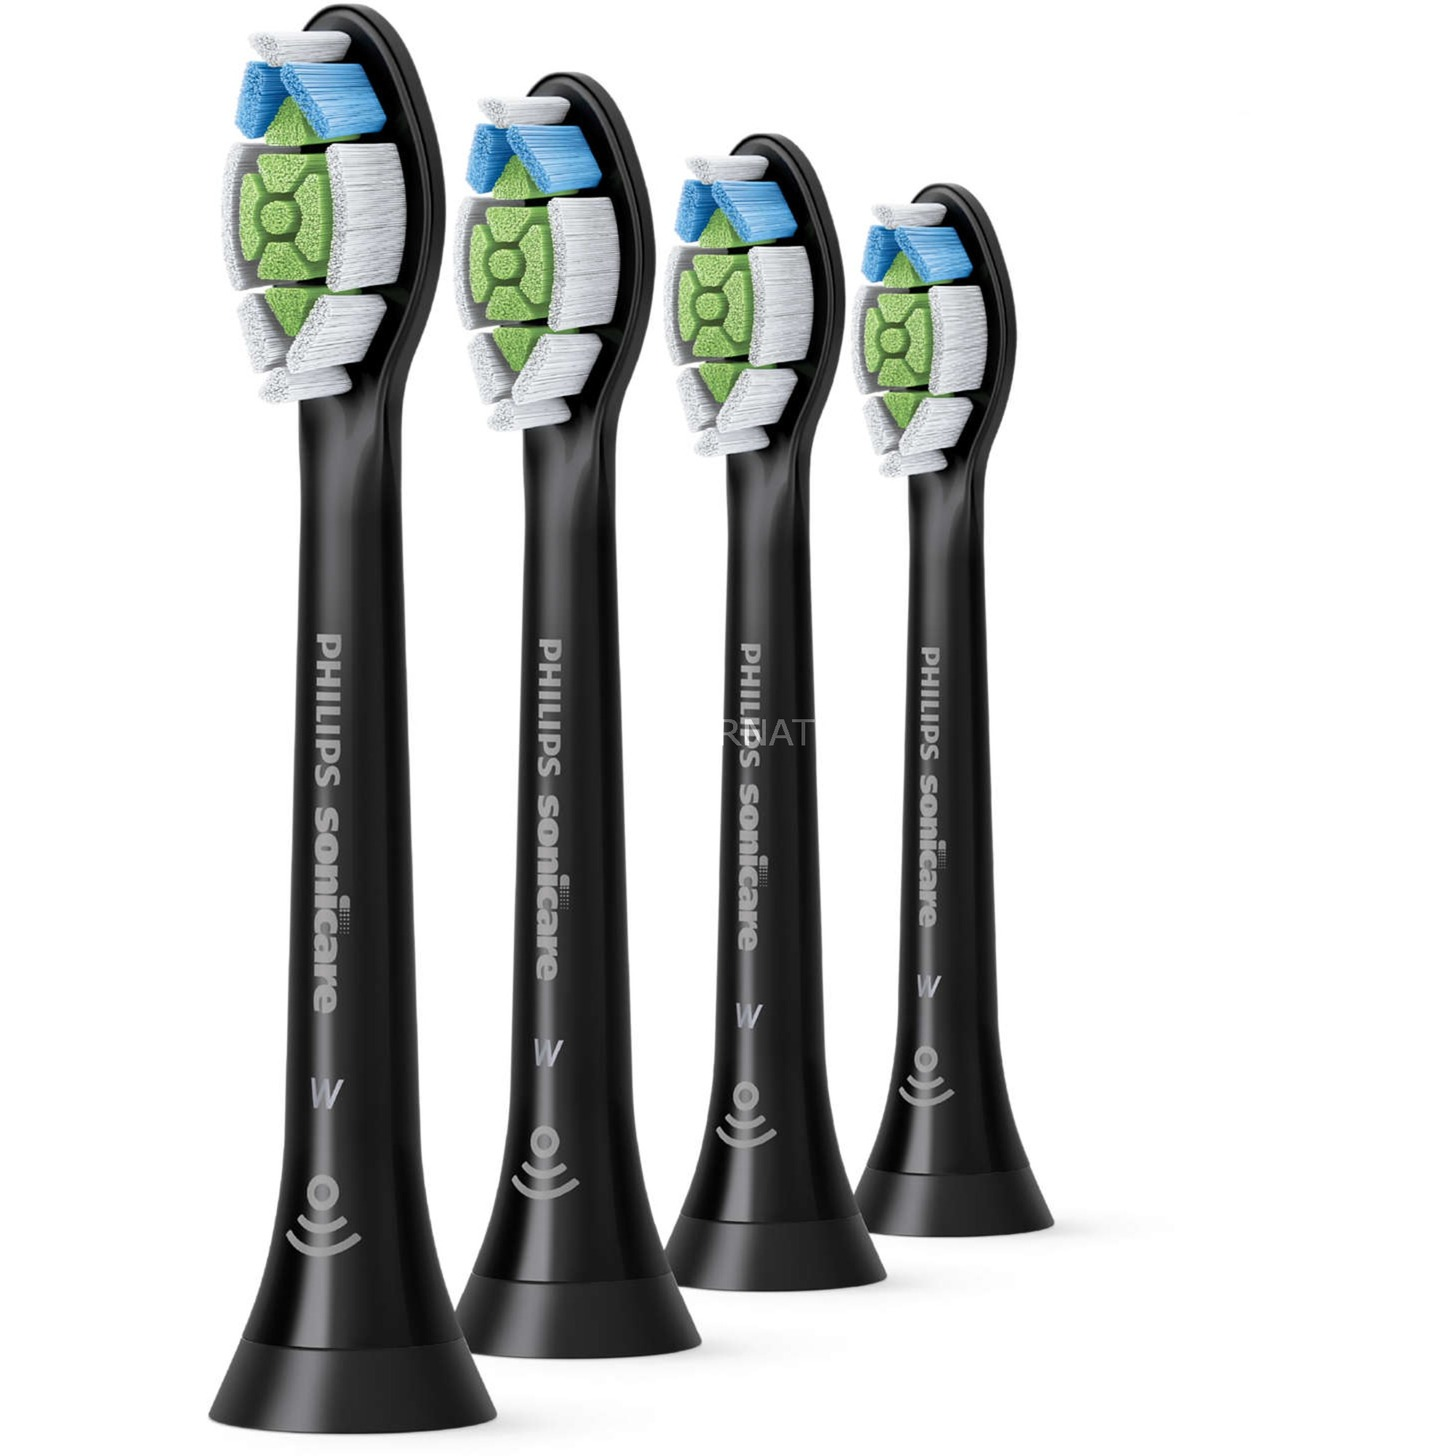 Cabezales de cepillo sónicos estándar HX6064/11, Cabezal de cepillo